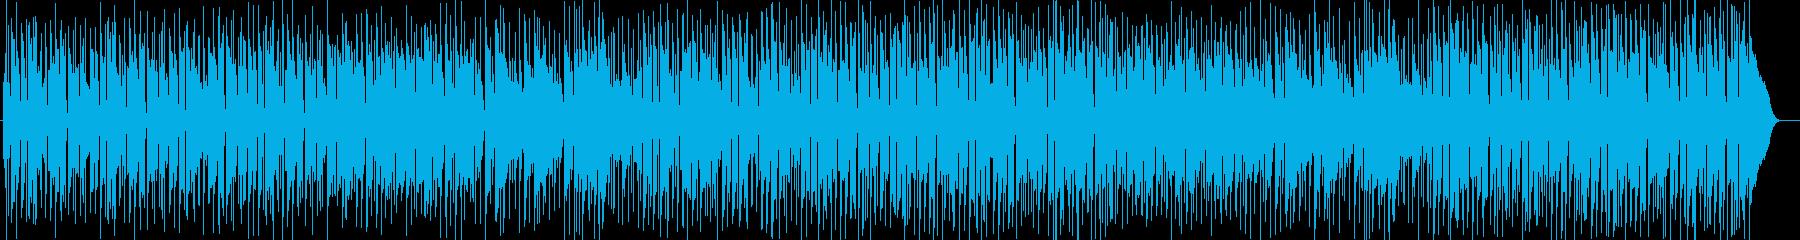 午後の風景ギターシンセサイザーサウンドの再生済みの波形